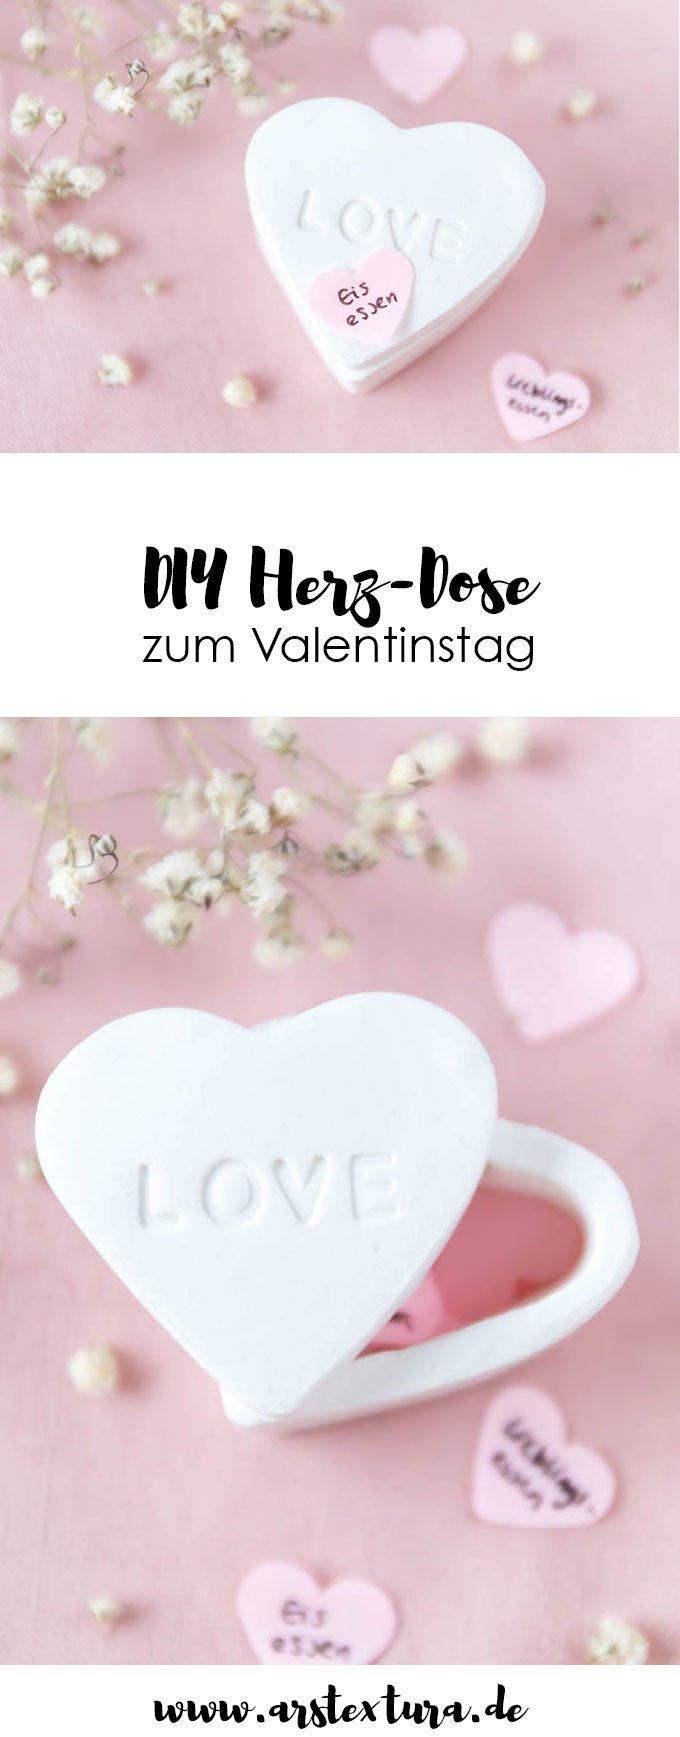 Fimo Ideen: DIY Herz-Dose aus Fimo - ein tolles DIY Geschenk zum Valentinstag oder Hochzeitstag - ein Dose voller kleiner Gutscheine und Liebesbeweise | ars textura - DIY Blog